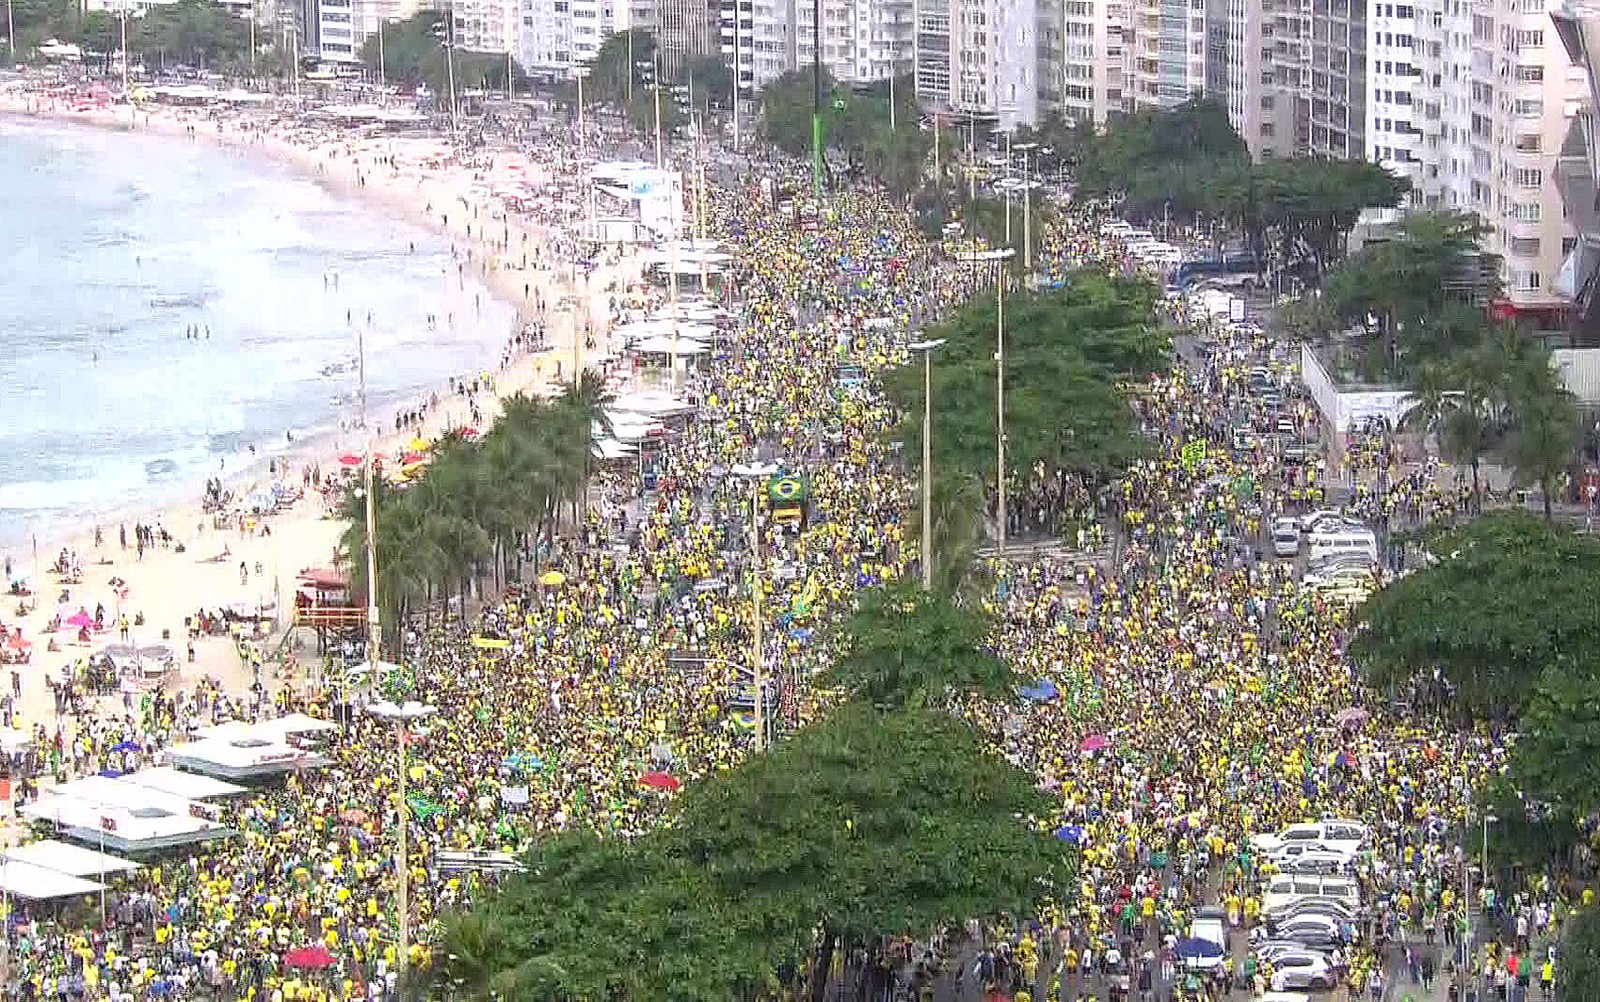 Rio de Janeiro, 12h20: Manifestantes reunidos na orla de Copacabana em defesa do presidente Jair Bolsonaro e das medidas do governo — Foto: Reprodução/GloboNews